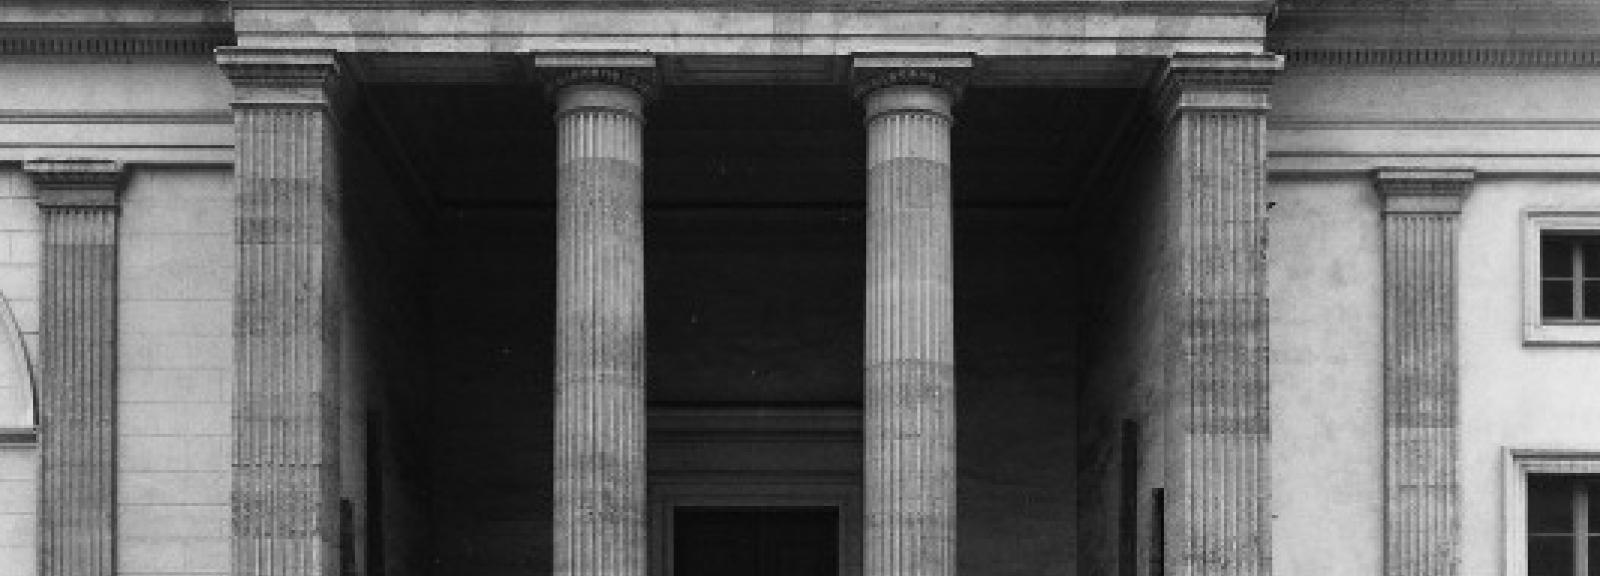 Extérieur de la Galerie de Minéralogie vers 1975 © Fonds Courtauld A et A - art and architecture